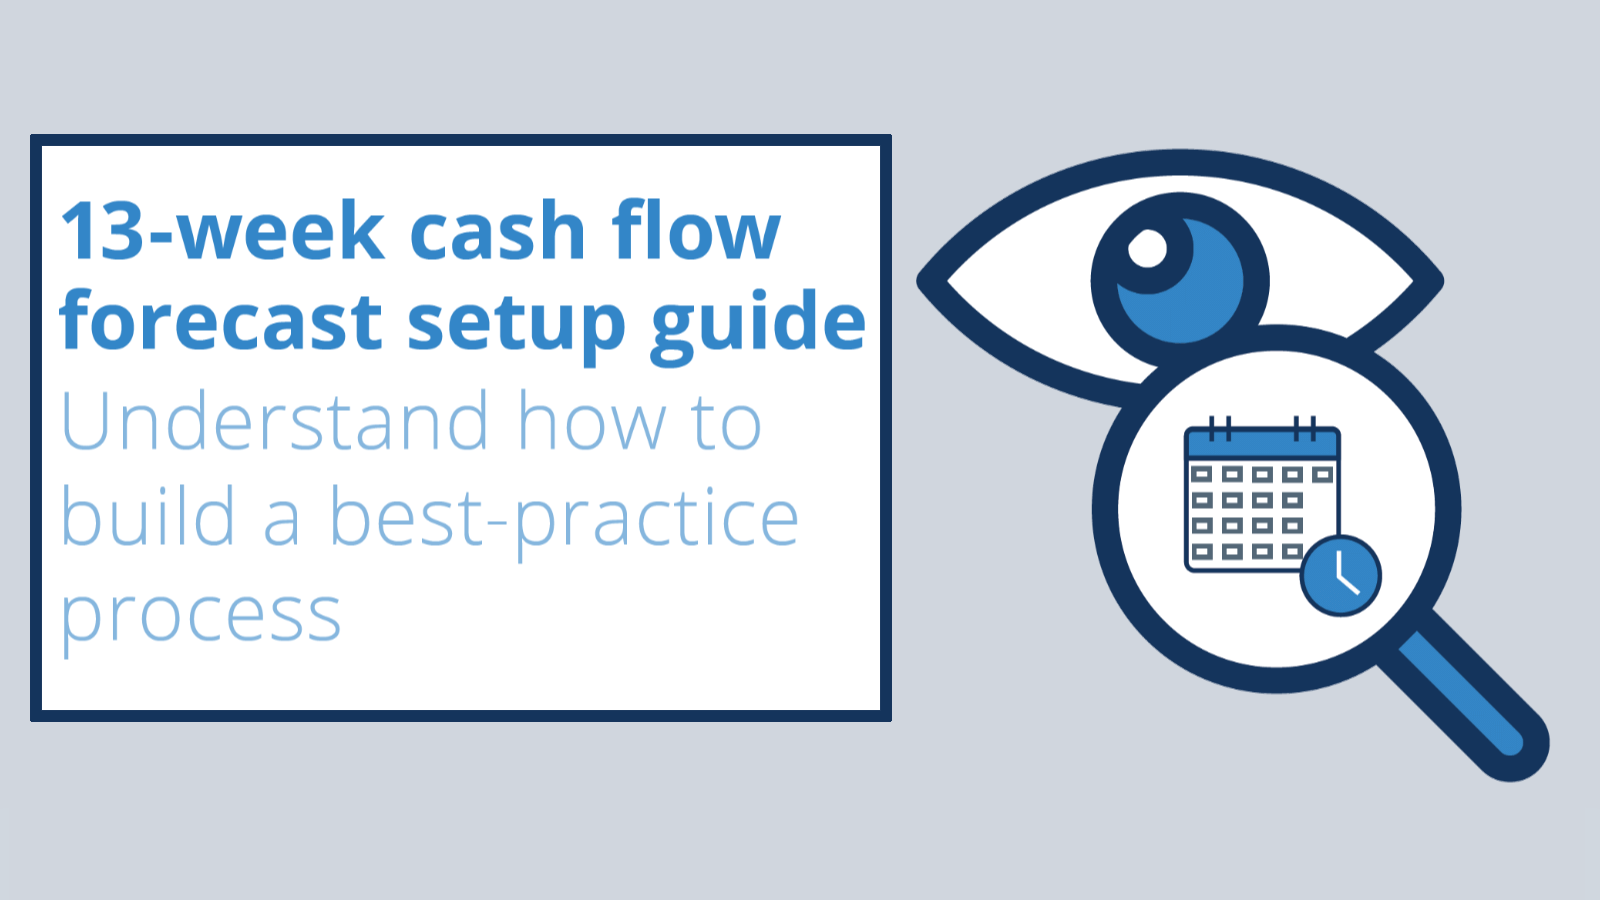 13 week cash flow forecast setup guide